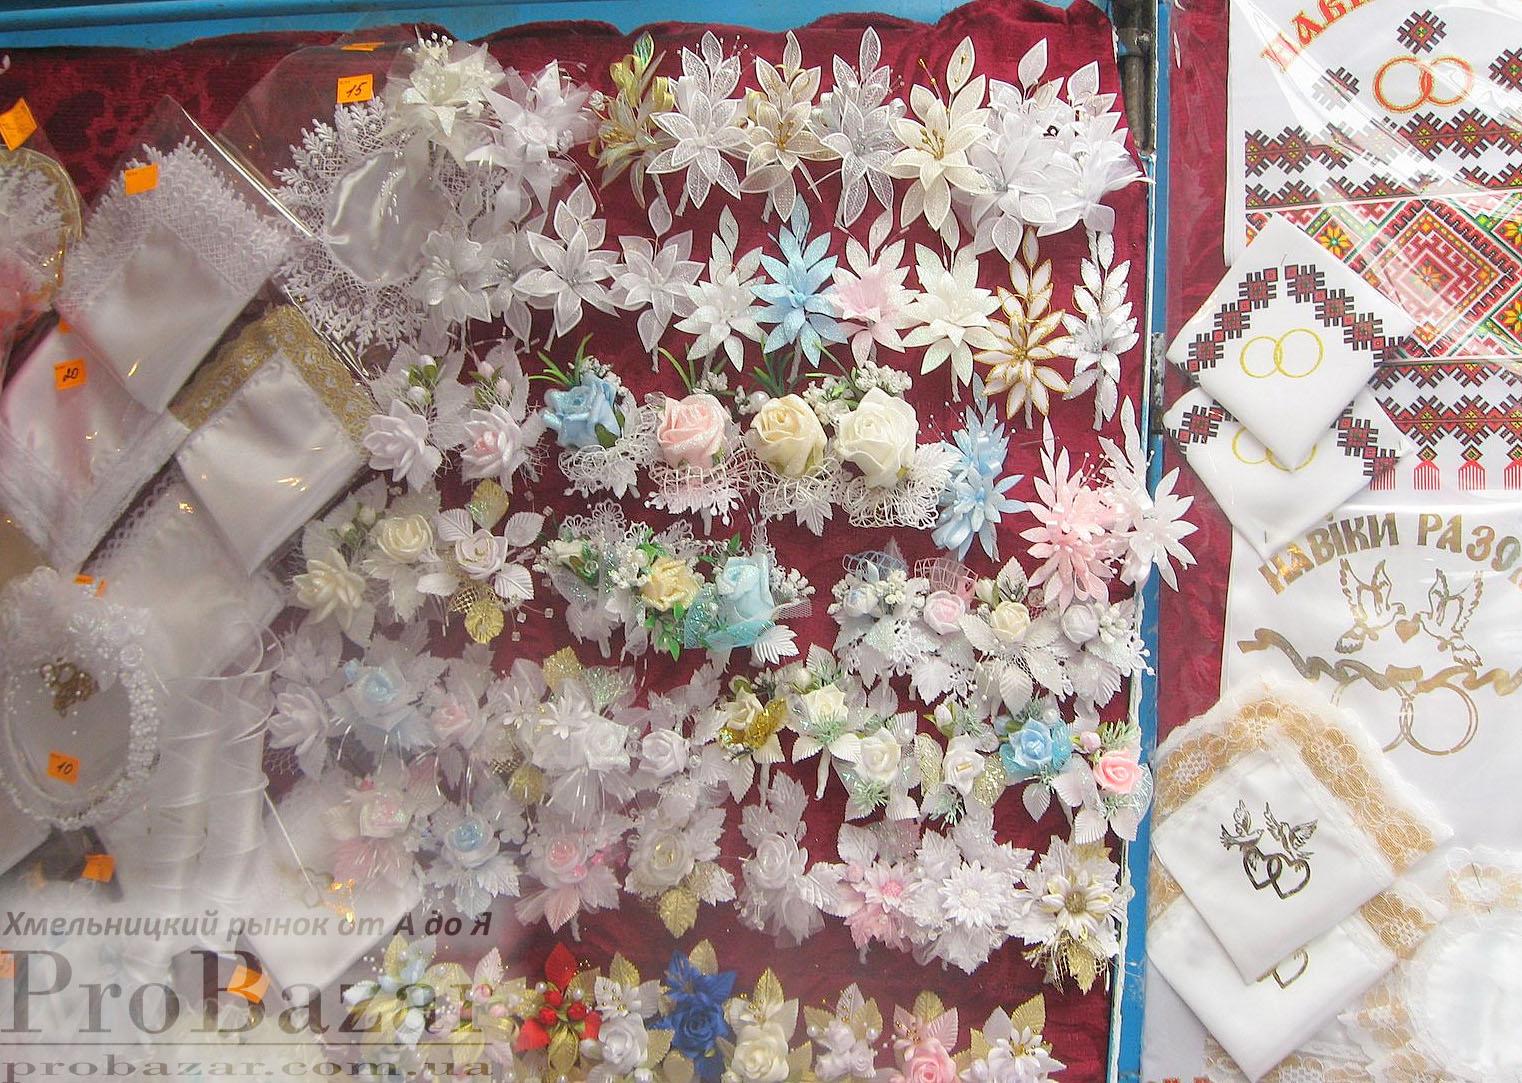 Хмельницкий рынок: свадебные украшения